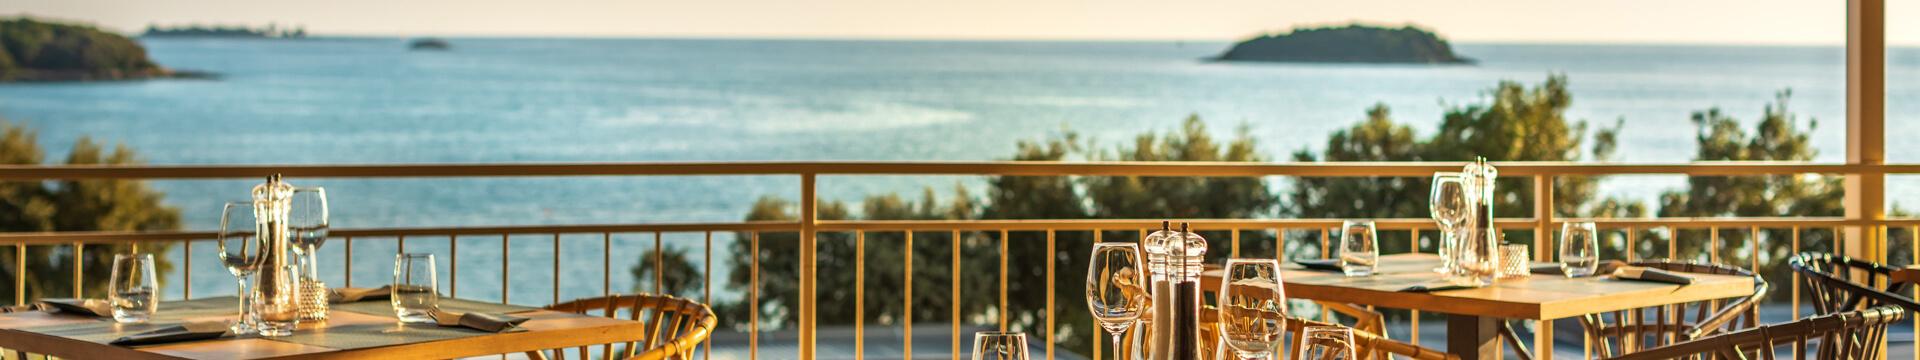 Nove tematske mobilne kućice u postojećim selima, ekskluzivne vile s jacuzzijem i novi glamping šatori noviteti su Istra Premium Camping Resorta u 2020. godini!